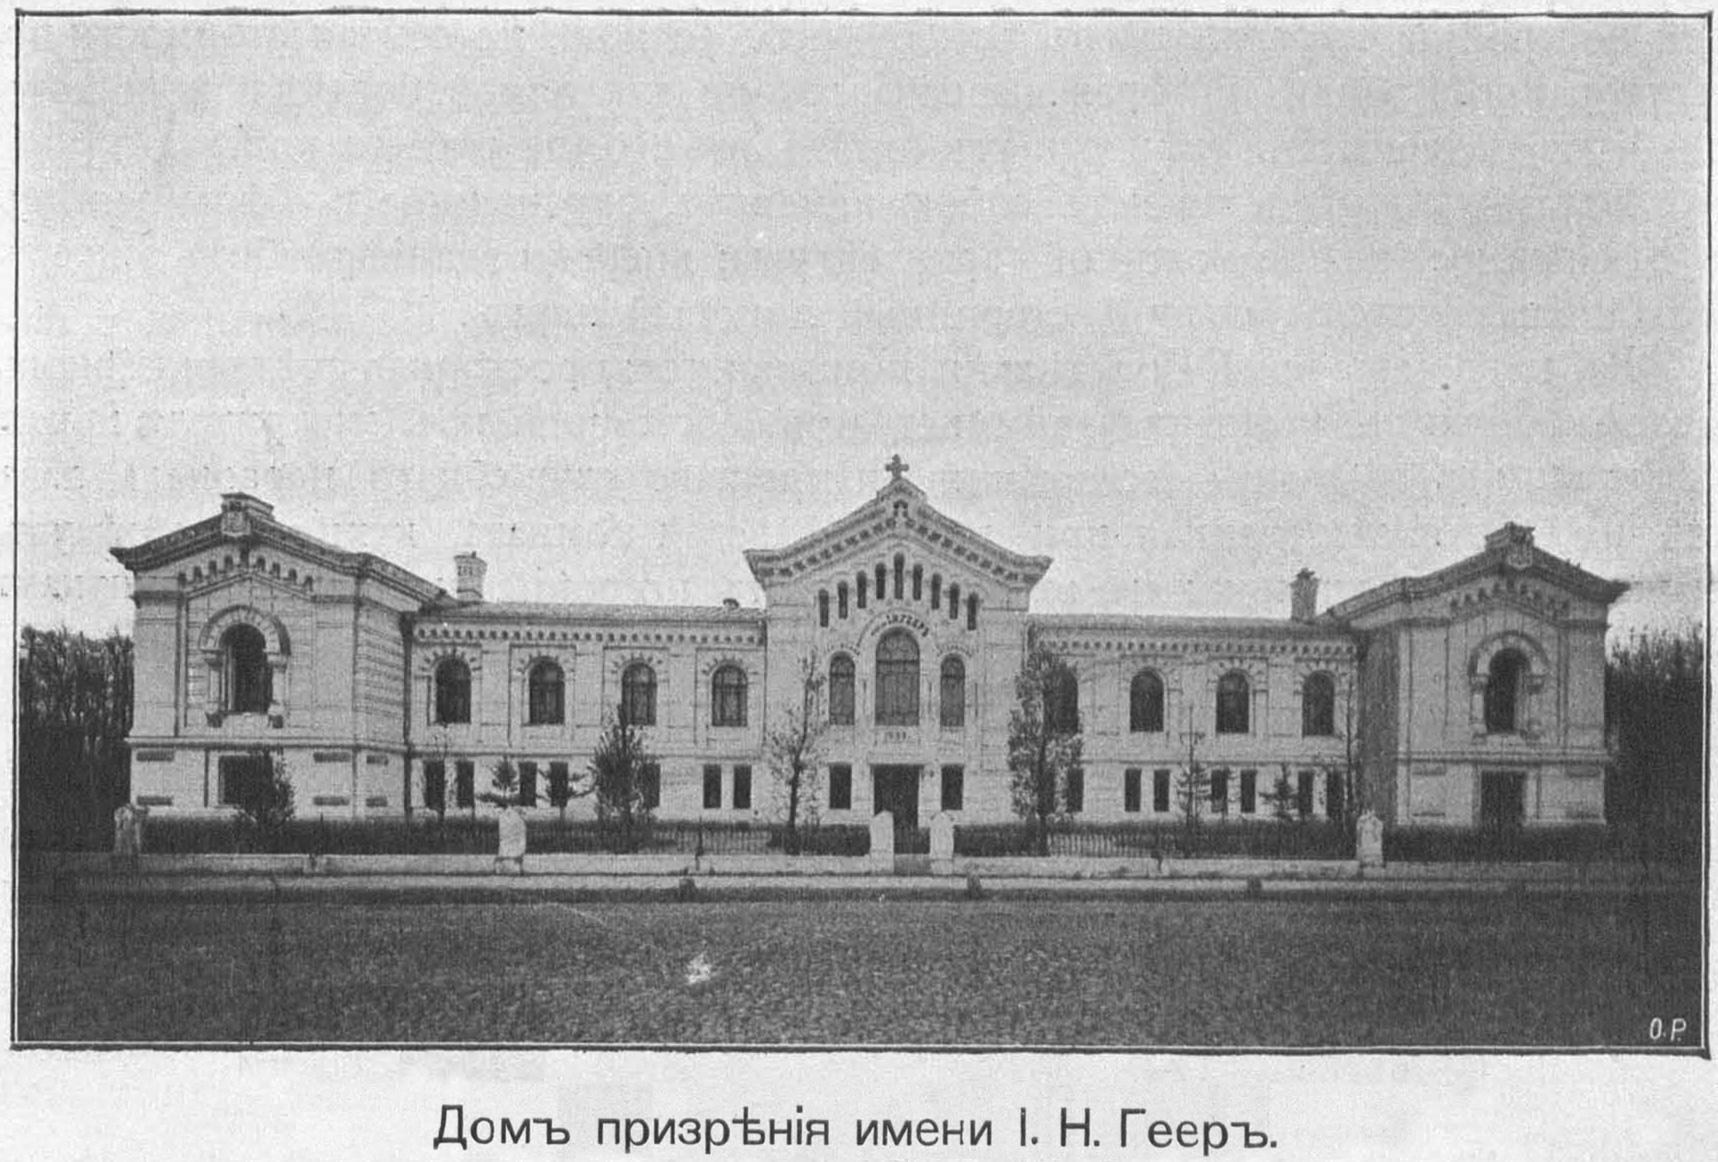 Дом призрения имени И. Н. Геер